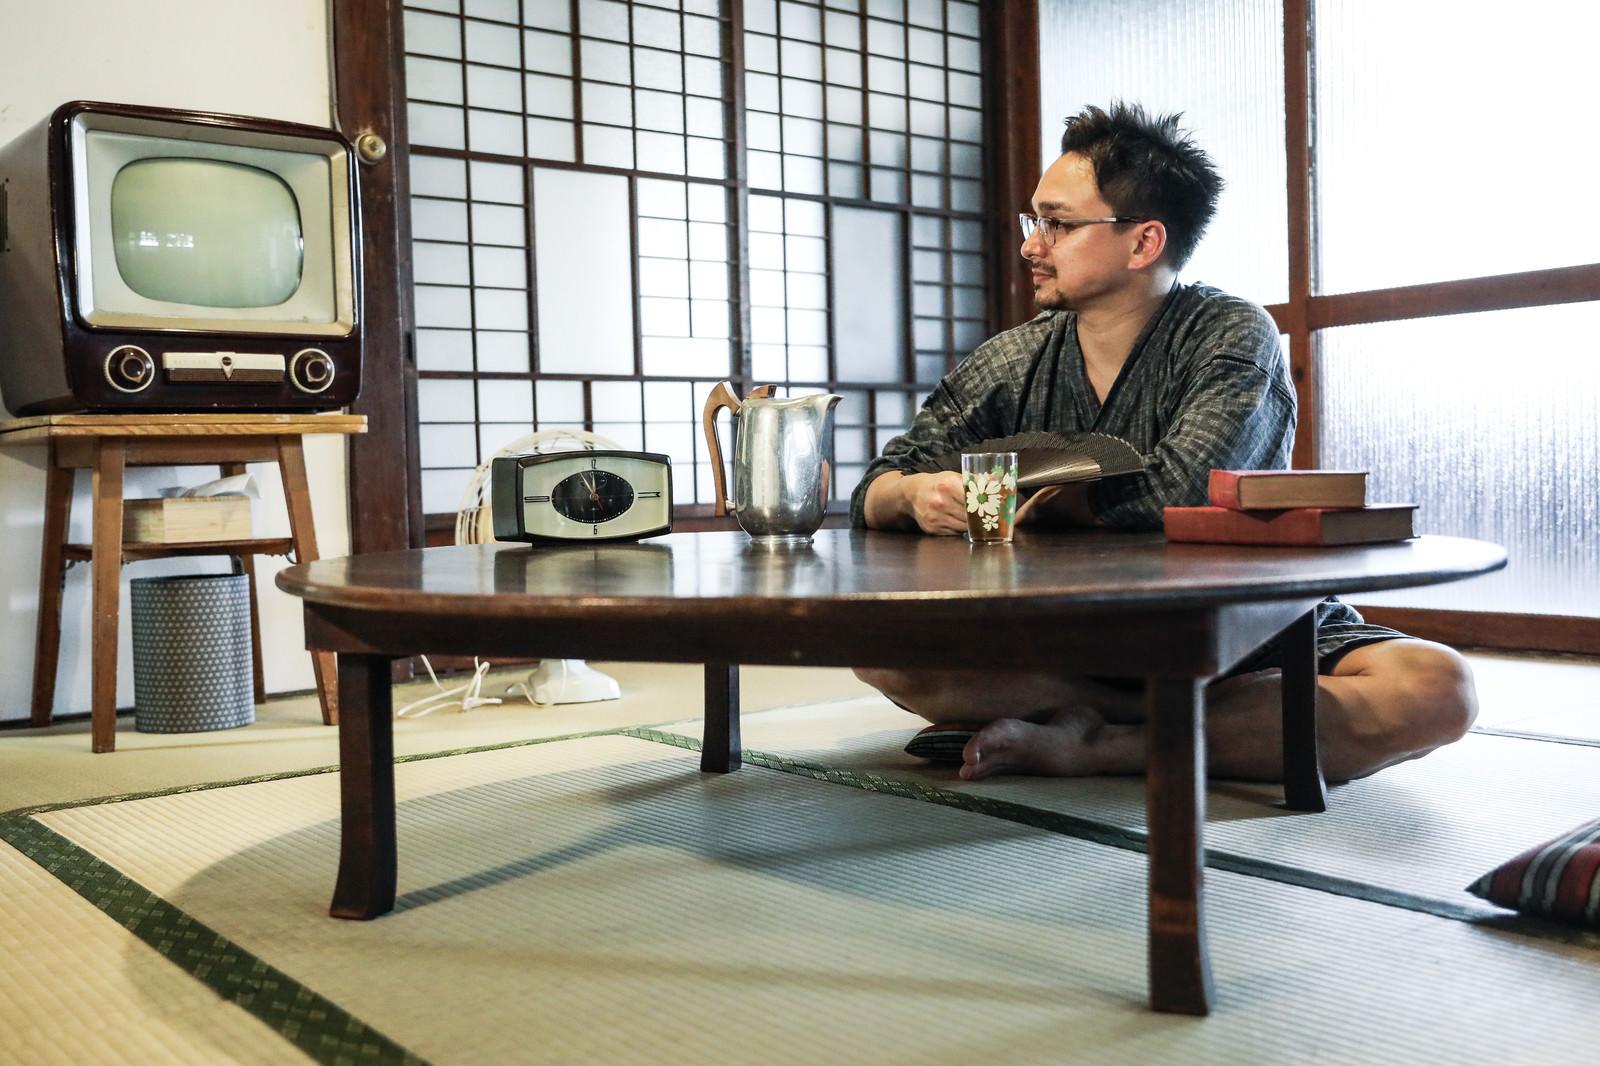 「アナログテレビがある和室で甚平を着てくつろぐ外国人観光客」の写真[モデル:Max_Ezaki]